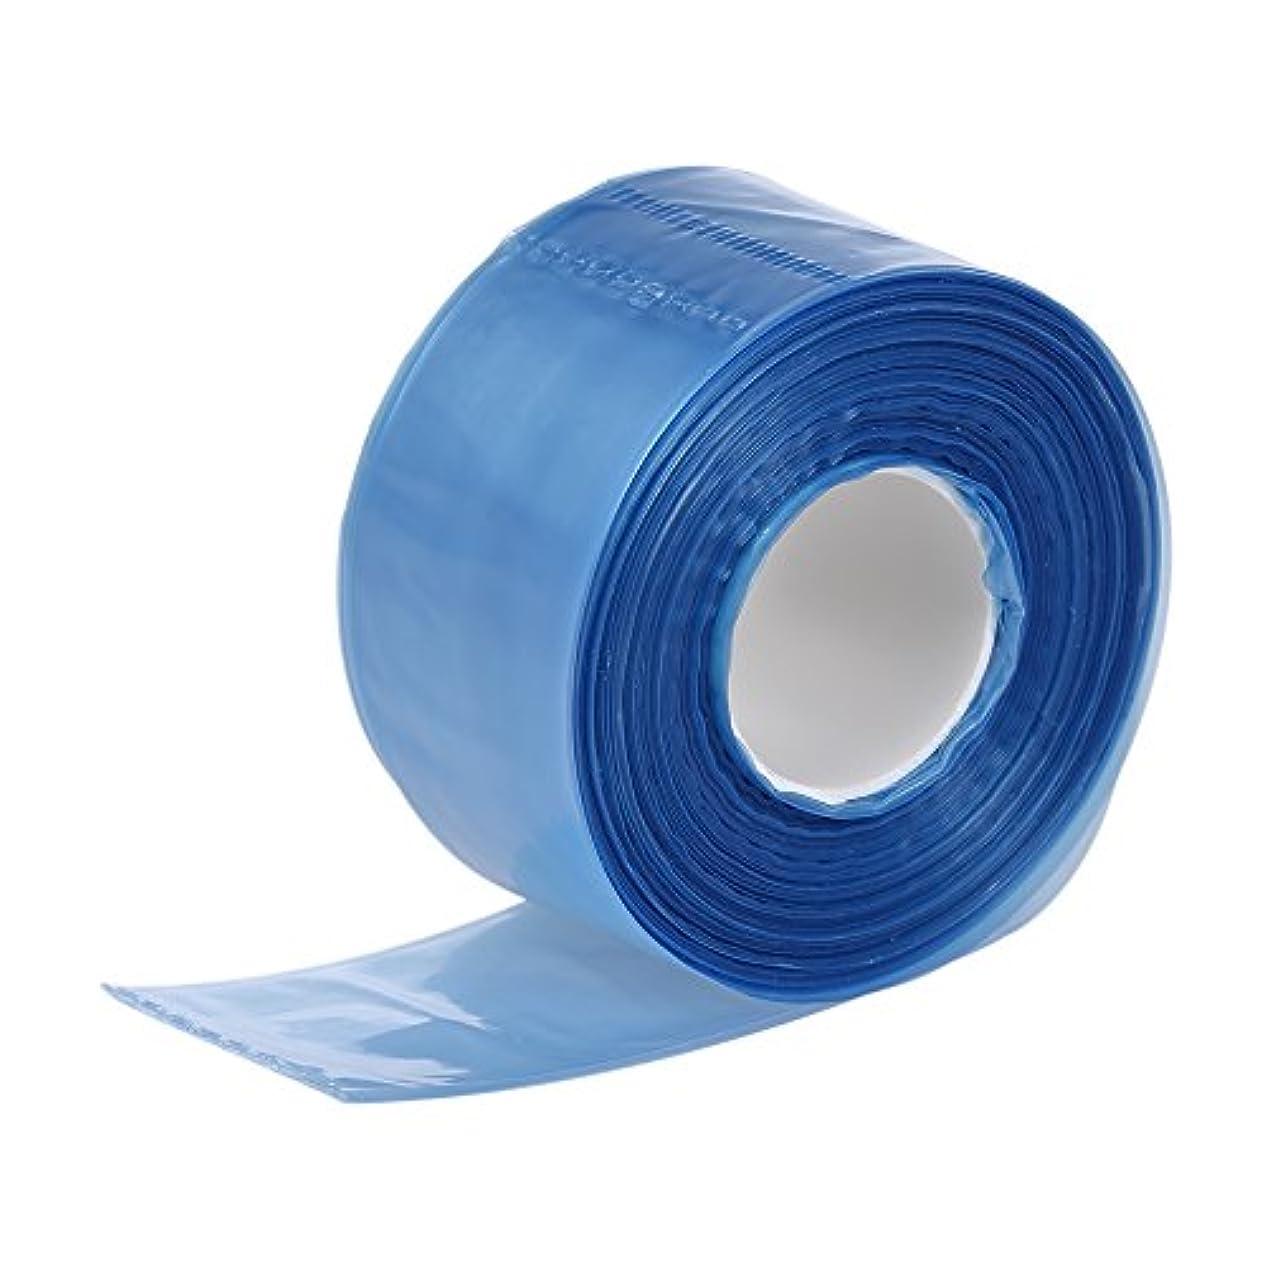 脇に加速度強化Decdeal 200pcs / ボックス メガネの足のためのプラスチック 使い捨てのカバー 細長い袋の髪の着色染色DIYツール